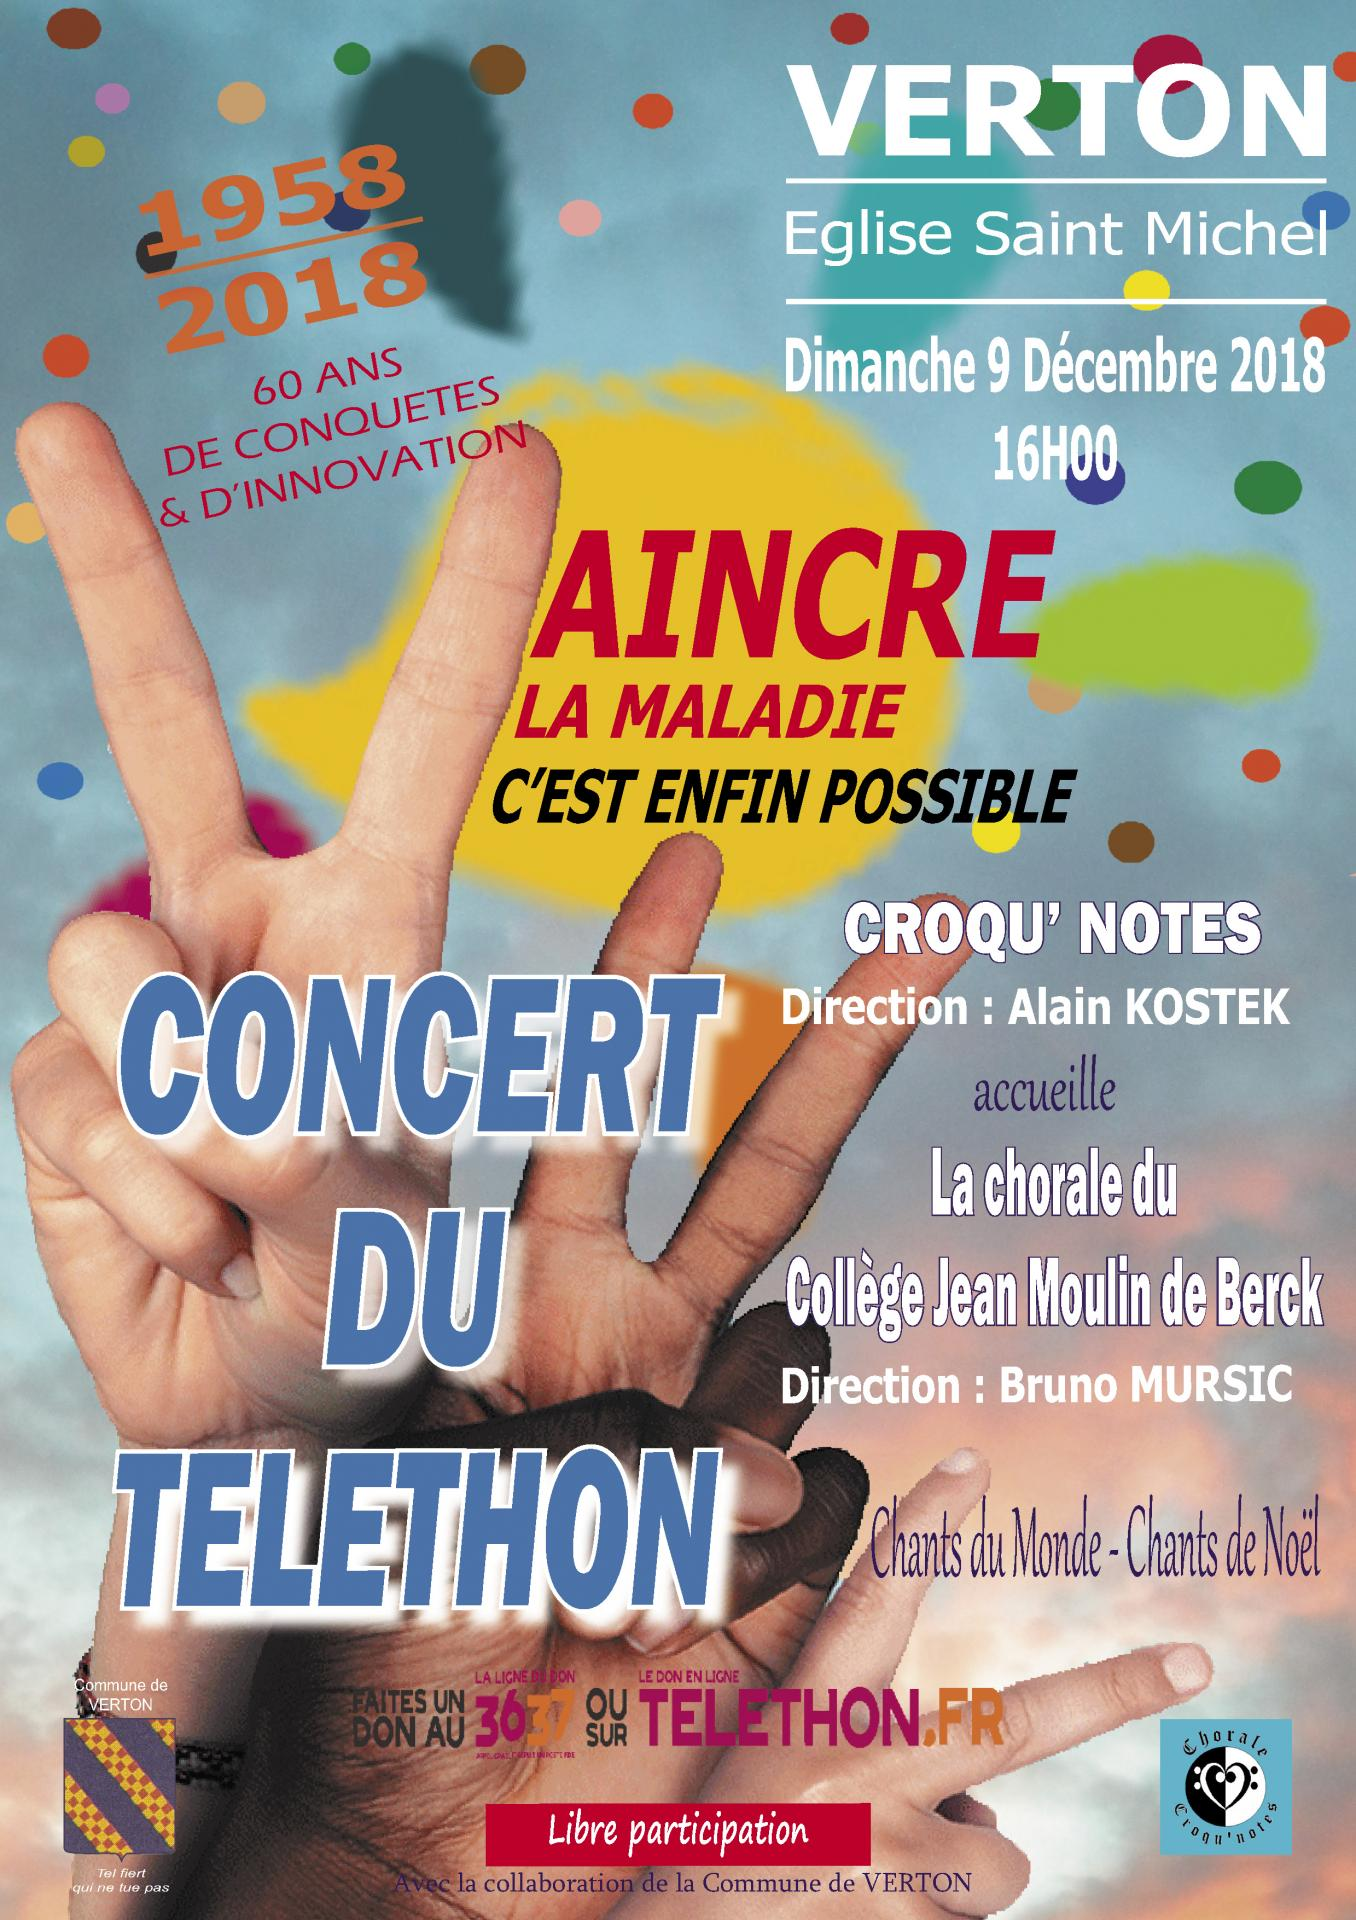 Aff concert du telethon 2018